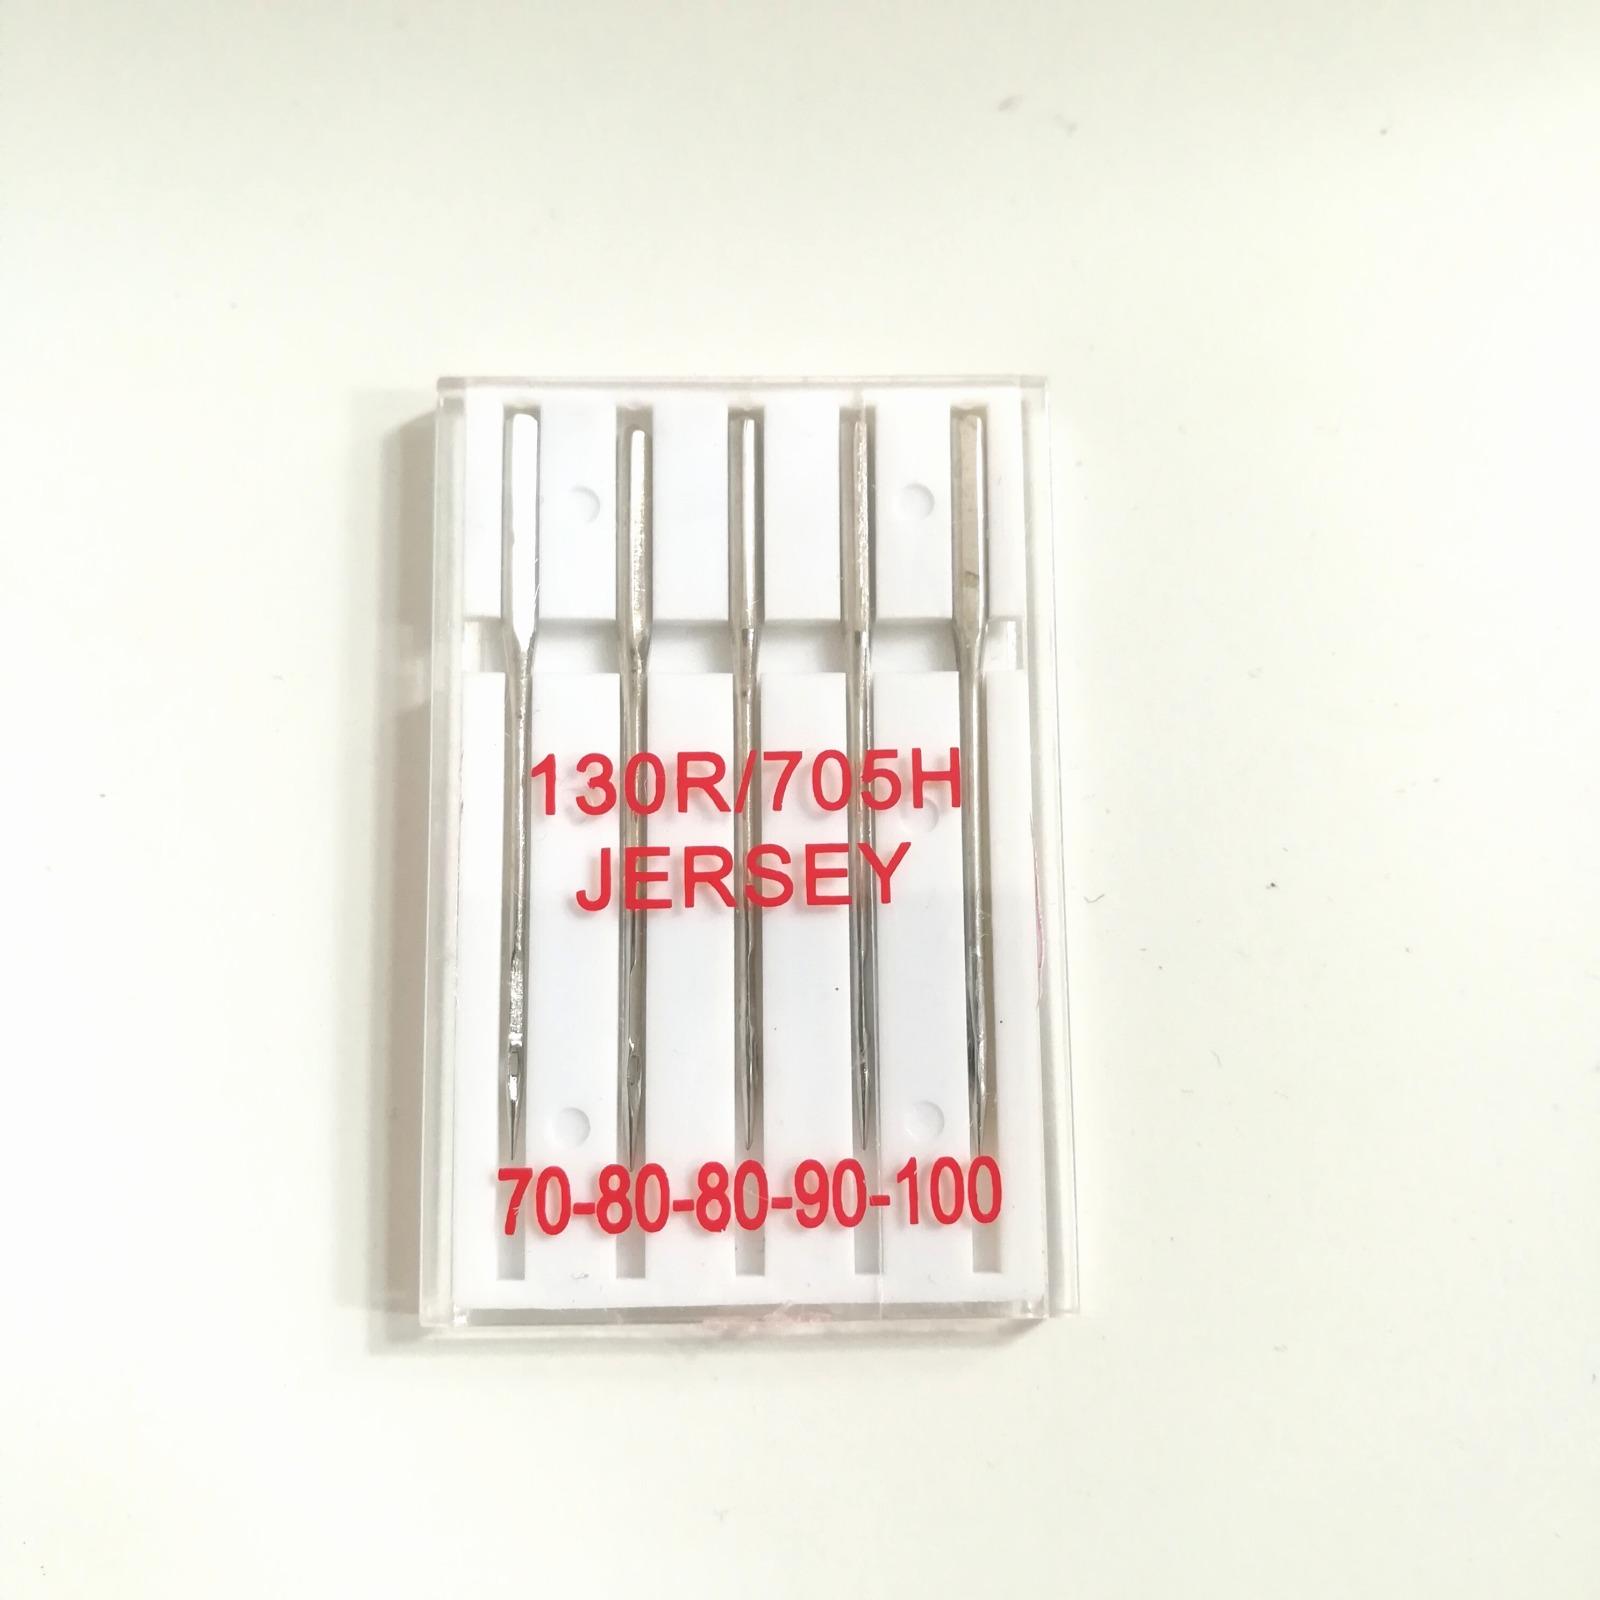 Nähmaschinen Nadeln Set Jersey - 5